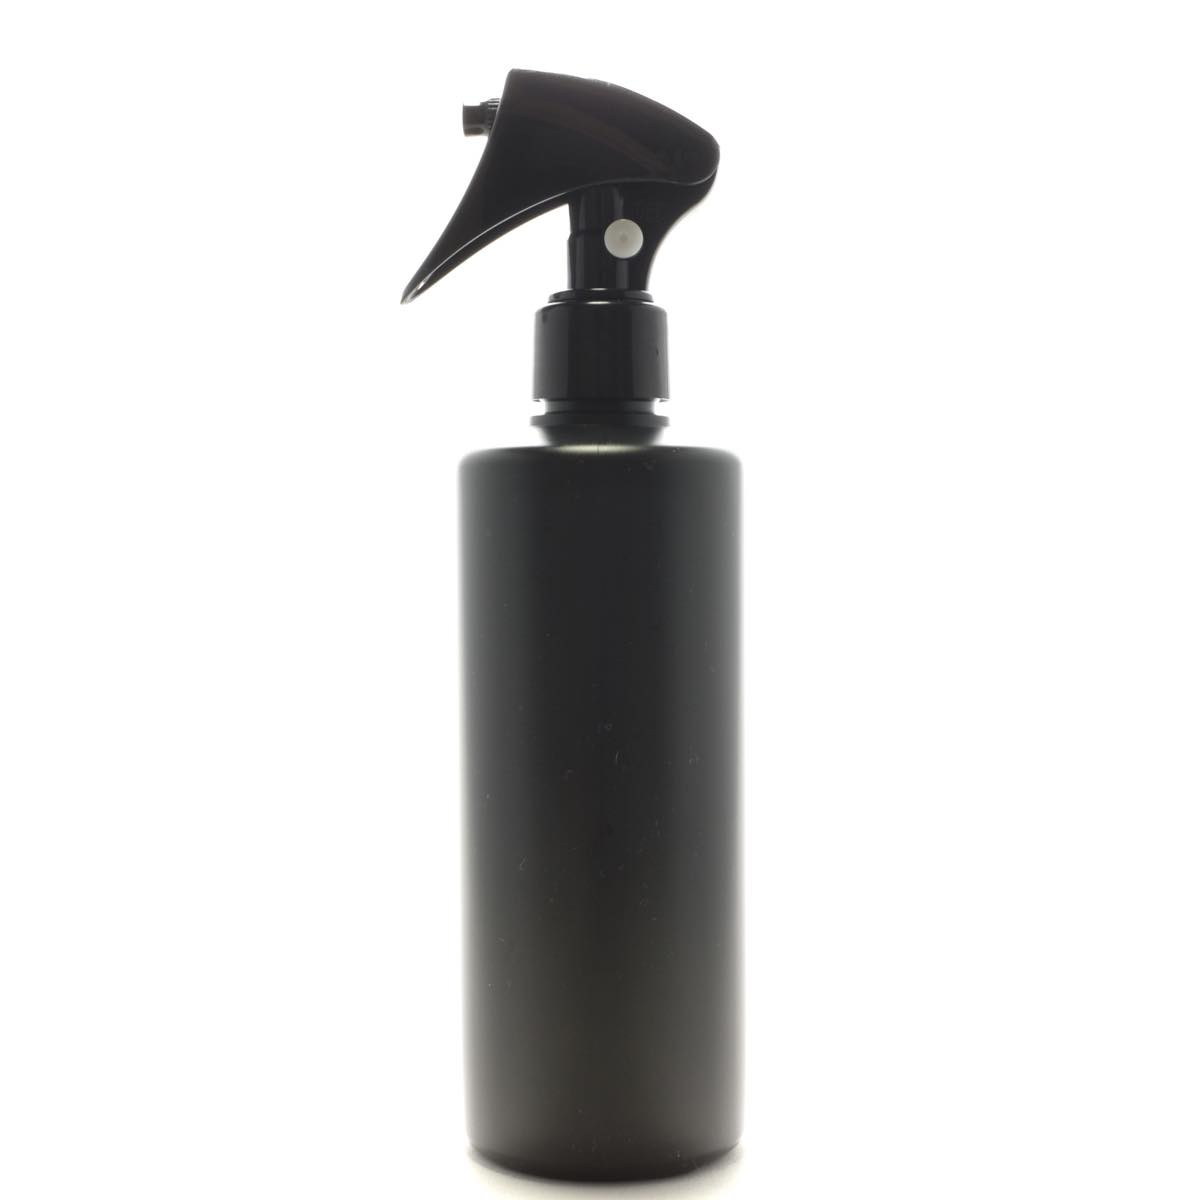 ミニトリガースプレー 300ml PE ストレートボトル [ ボトル:遮光黒 / トリガー:ブラック(プッシュロック白) ]